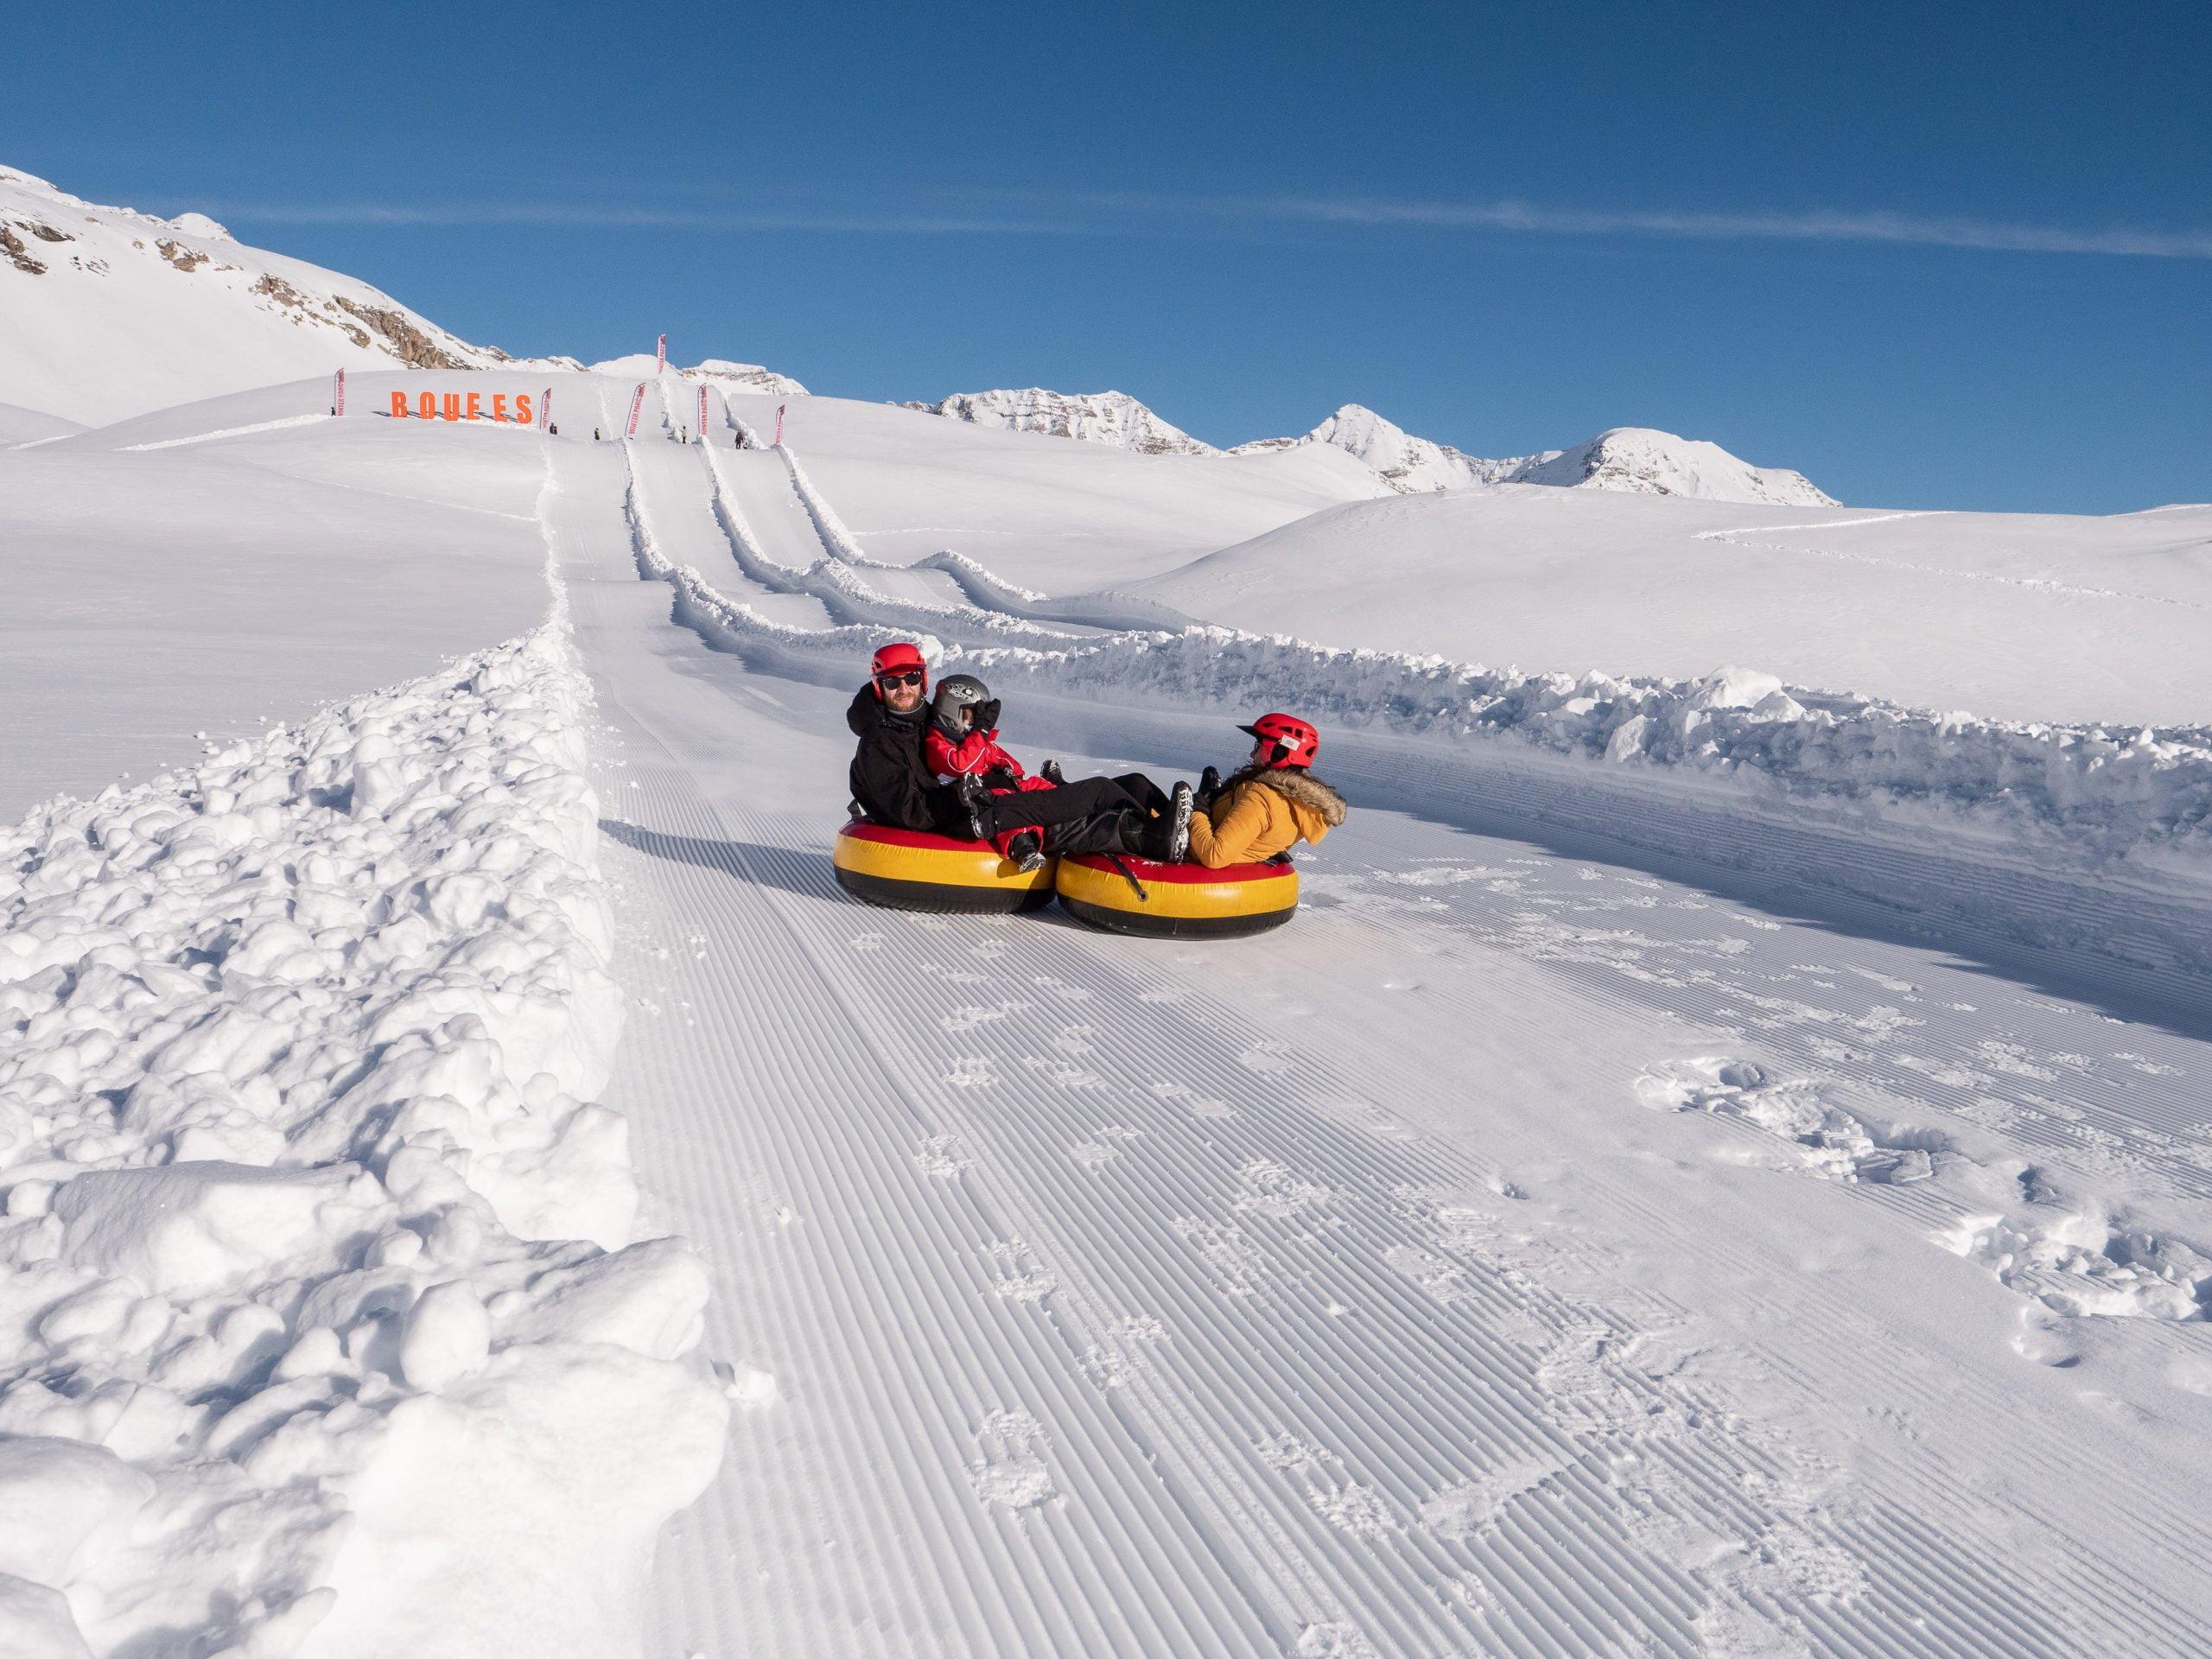 Orcières Merlette 1850 dans les Hautes Alpes - winter park bouées de neige